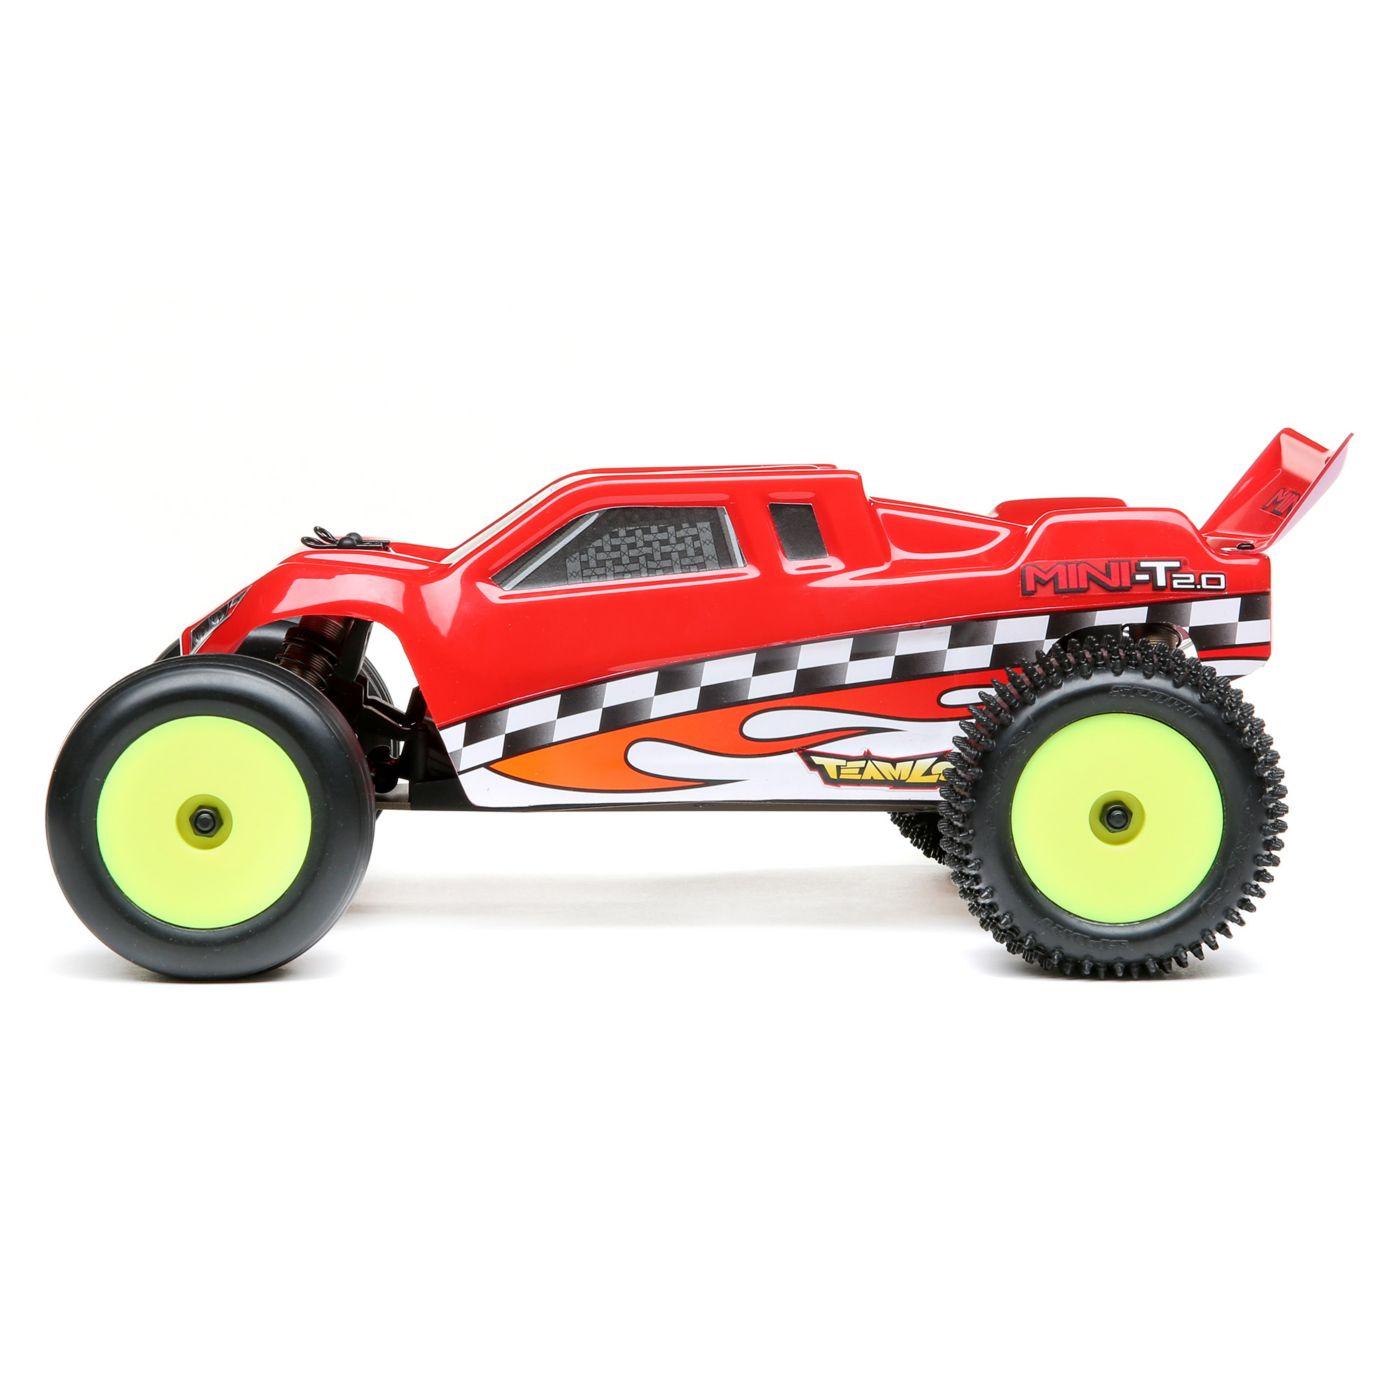 Losi Mini-T 2 40th Anniversary Edition - Side